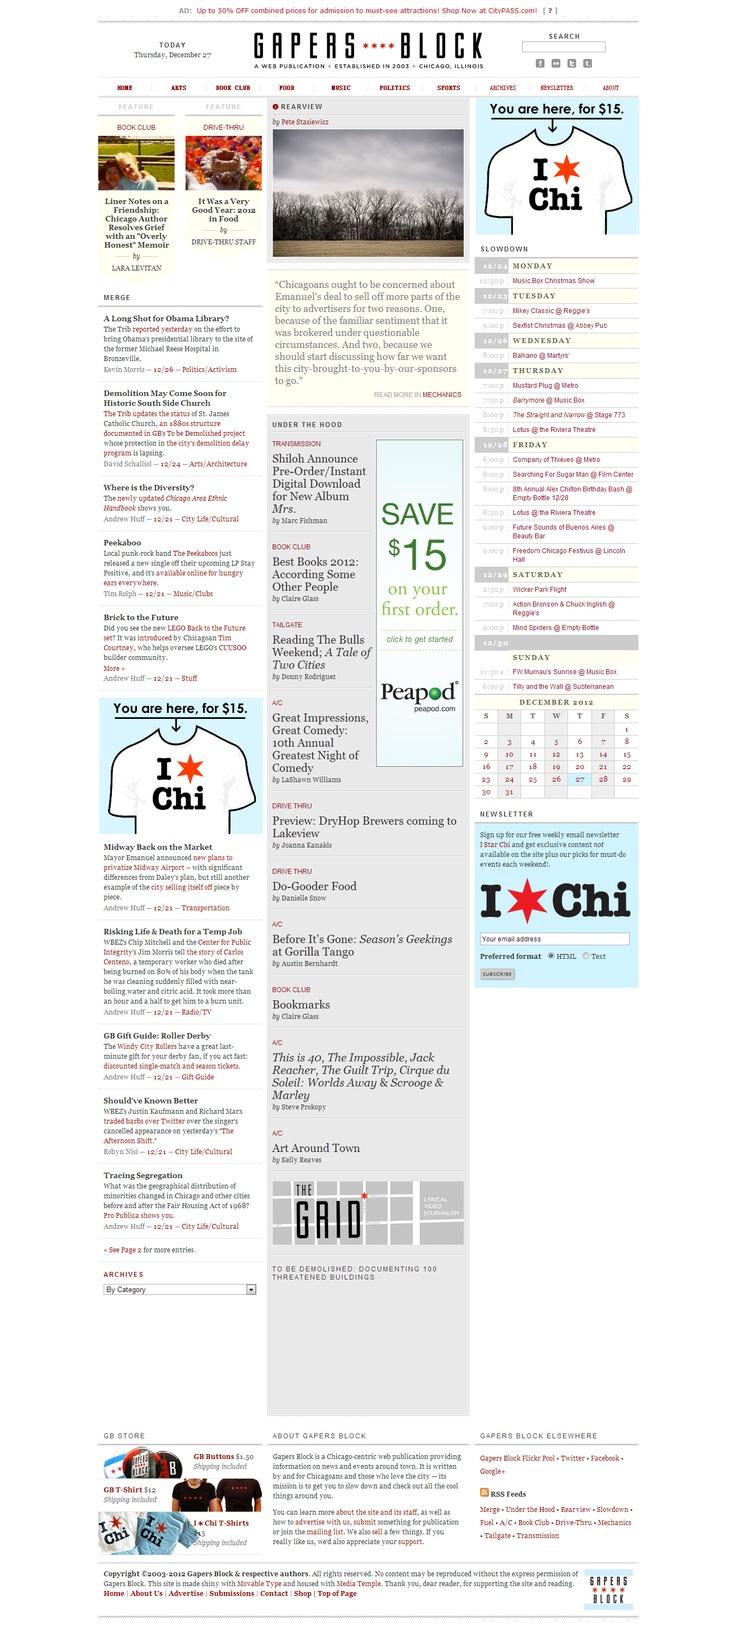 http://gapersblock.com/ highlighted text links